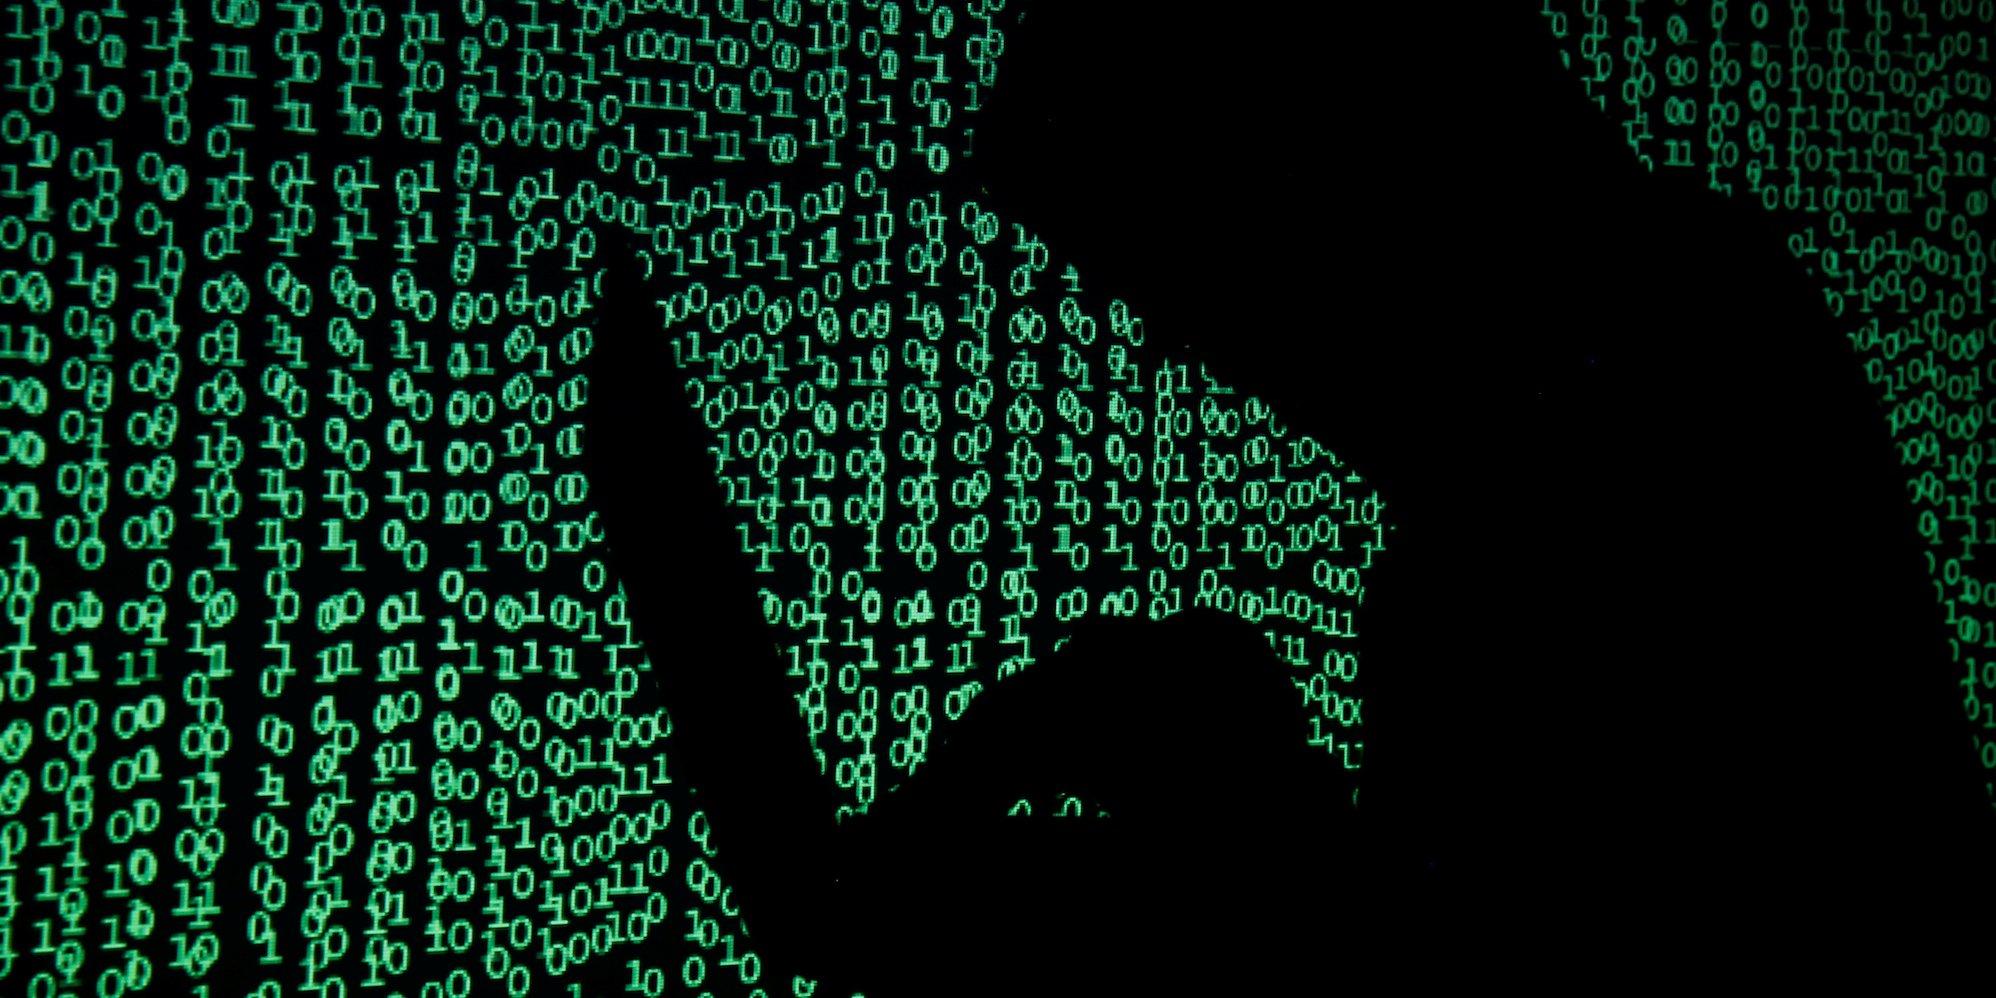 هکر معروف ایکس باکس لایو و شبکه پلی استیشن